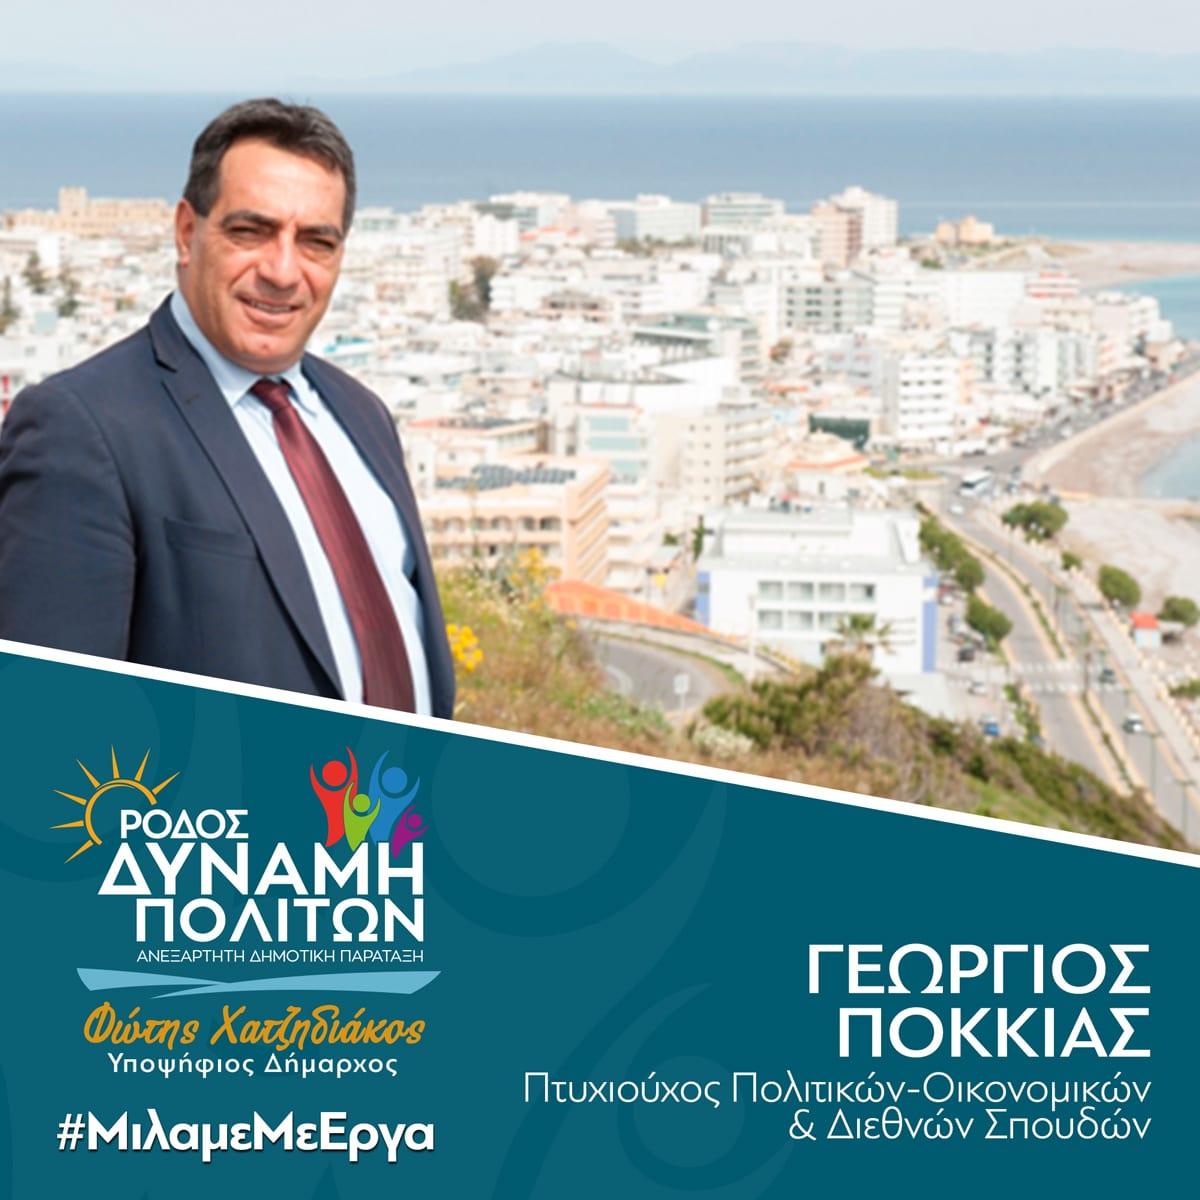 Ο Γιώργος Πόκκιας ξανά υποψήφιος με τον Φώτη Χατζηδιάκο